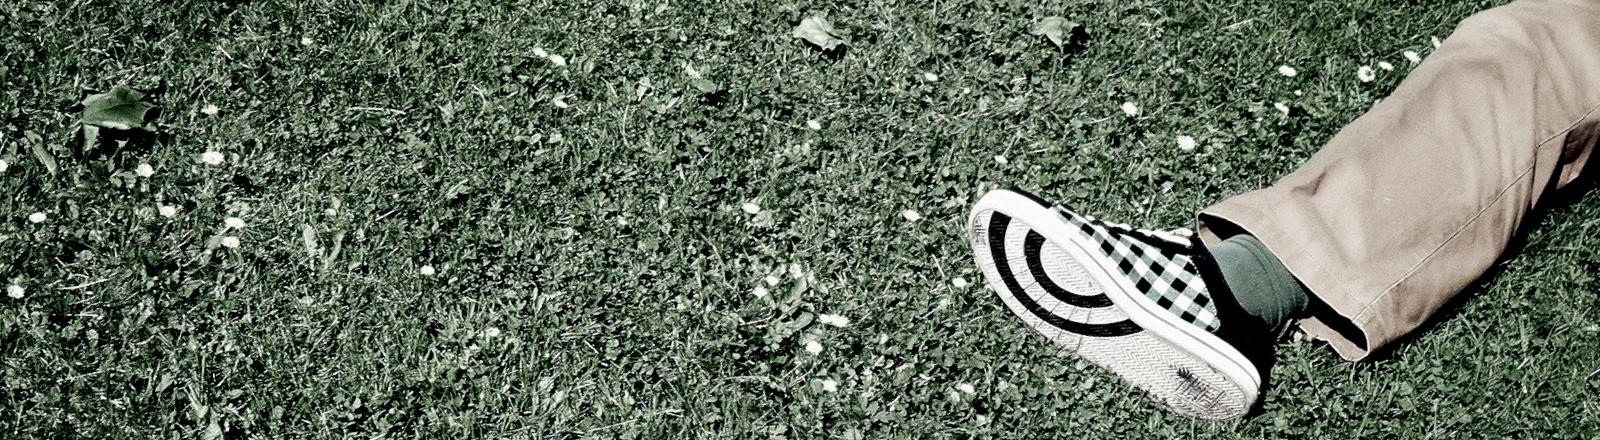 Das Bein eines Mannes, der im Gras liegt